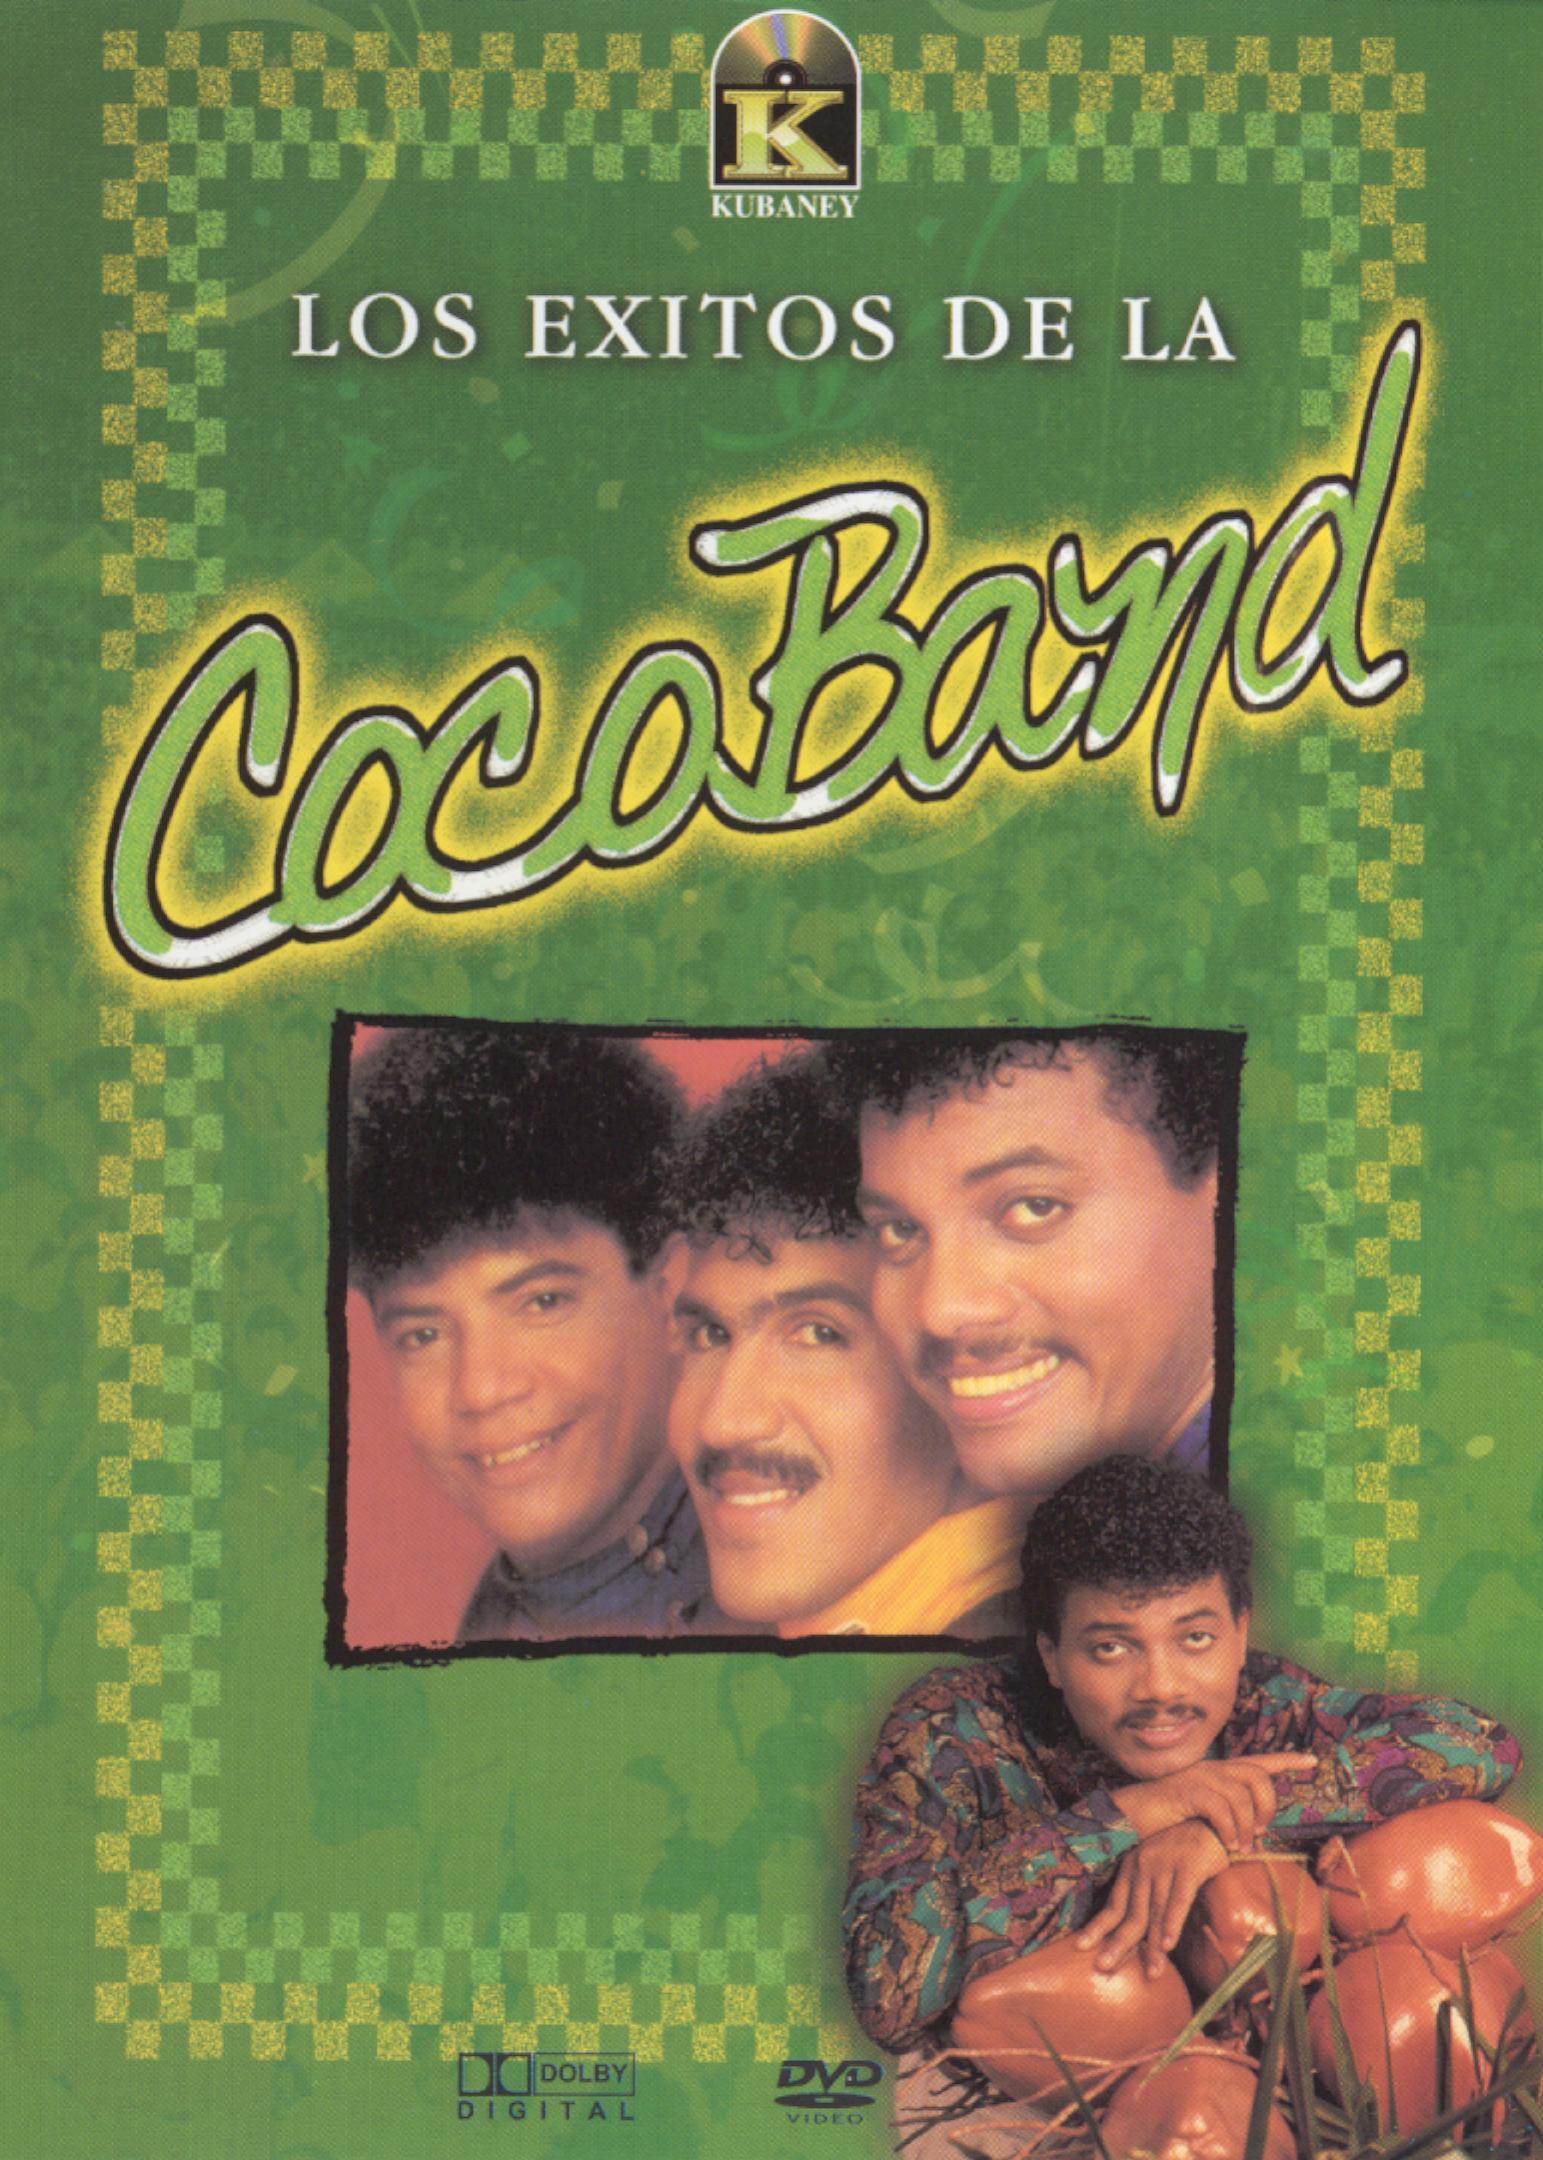 Cocoband: Exitos De La Cocoband